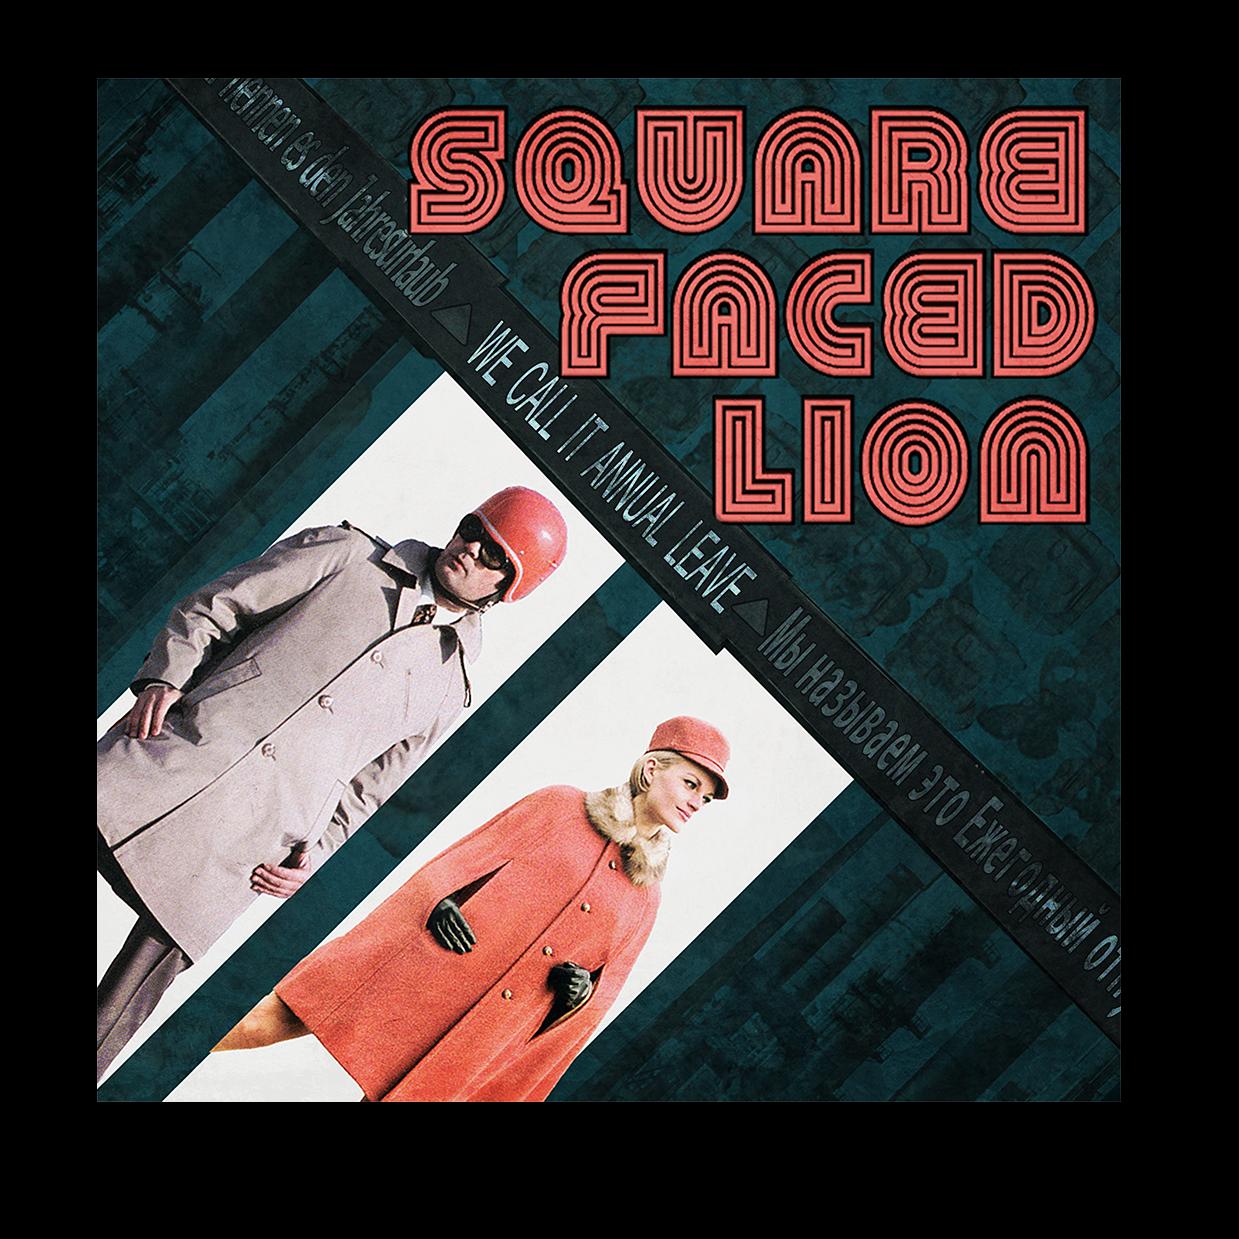 SquareFacedLion